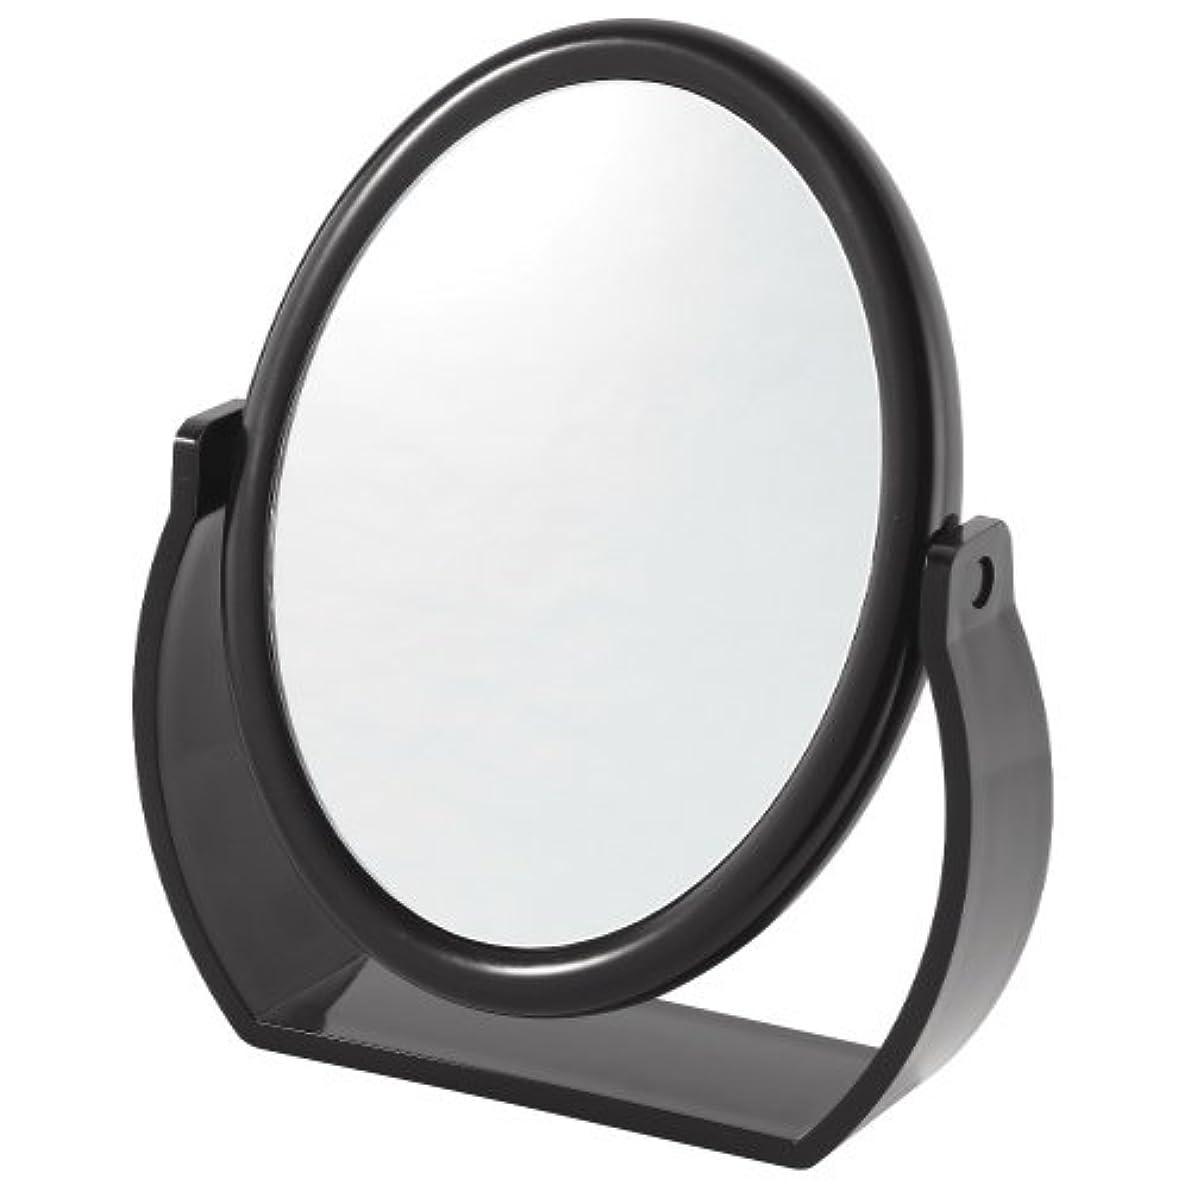 どれ切り離す手伝う拡大鏡付スタンドミラー(約5倍)黒